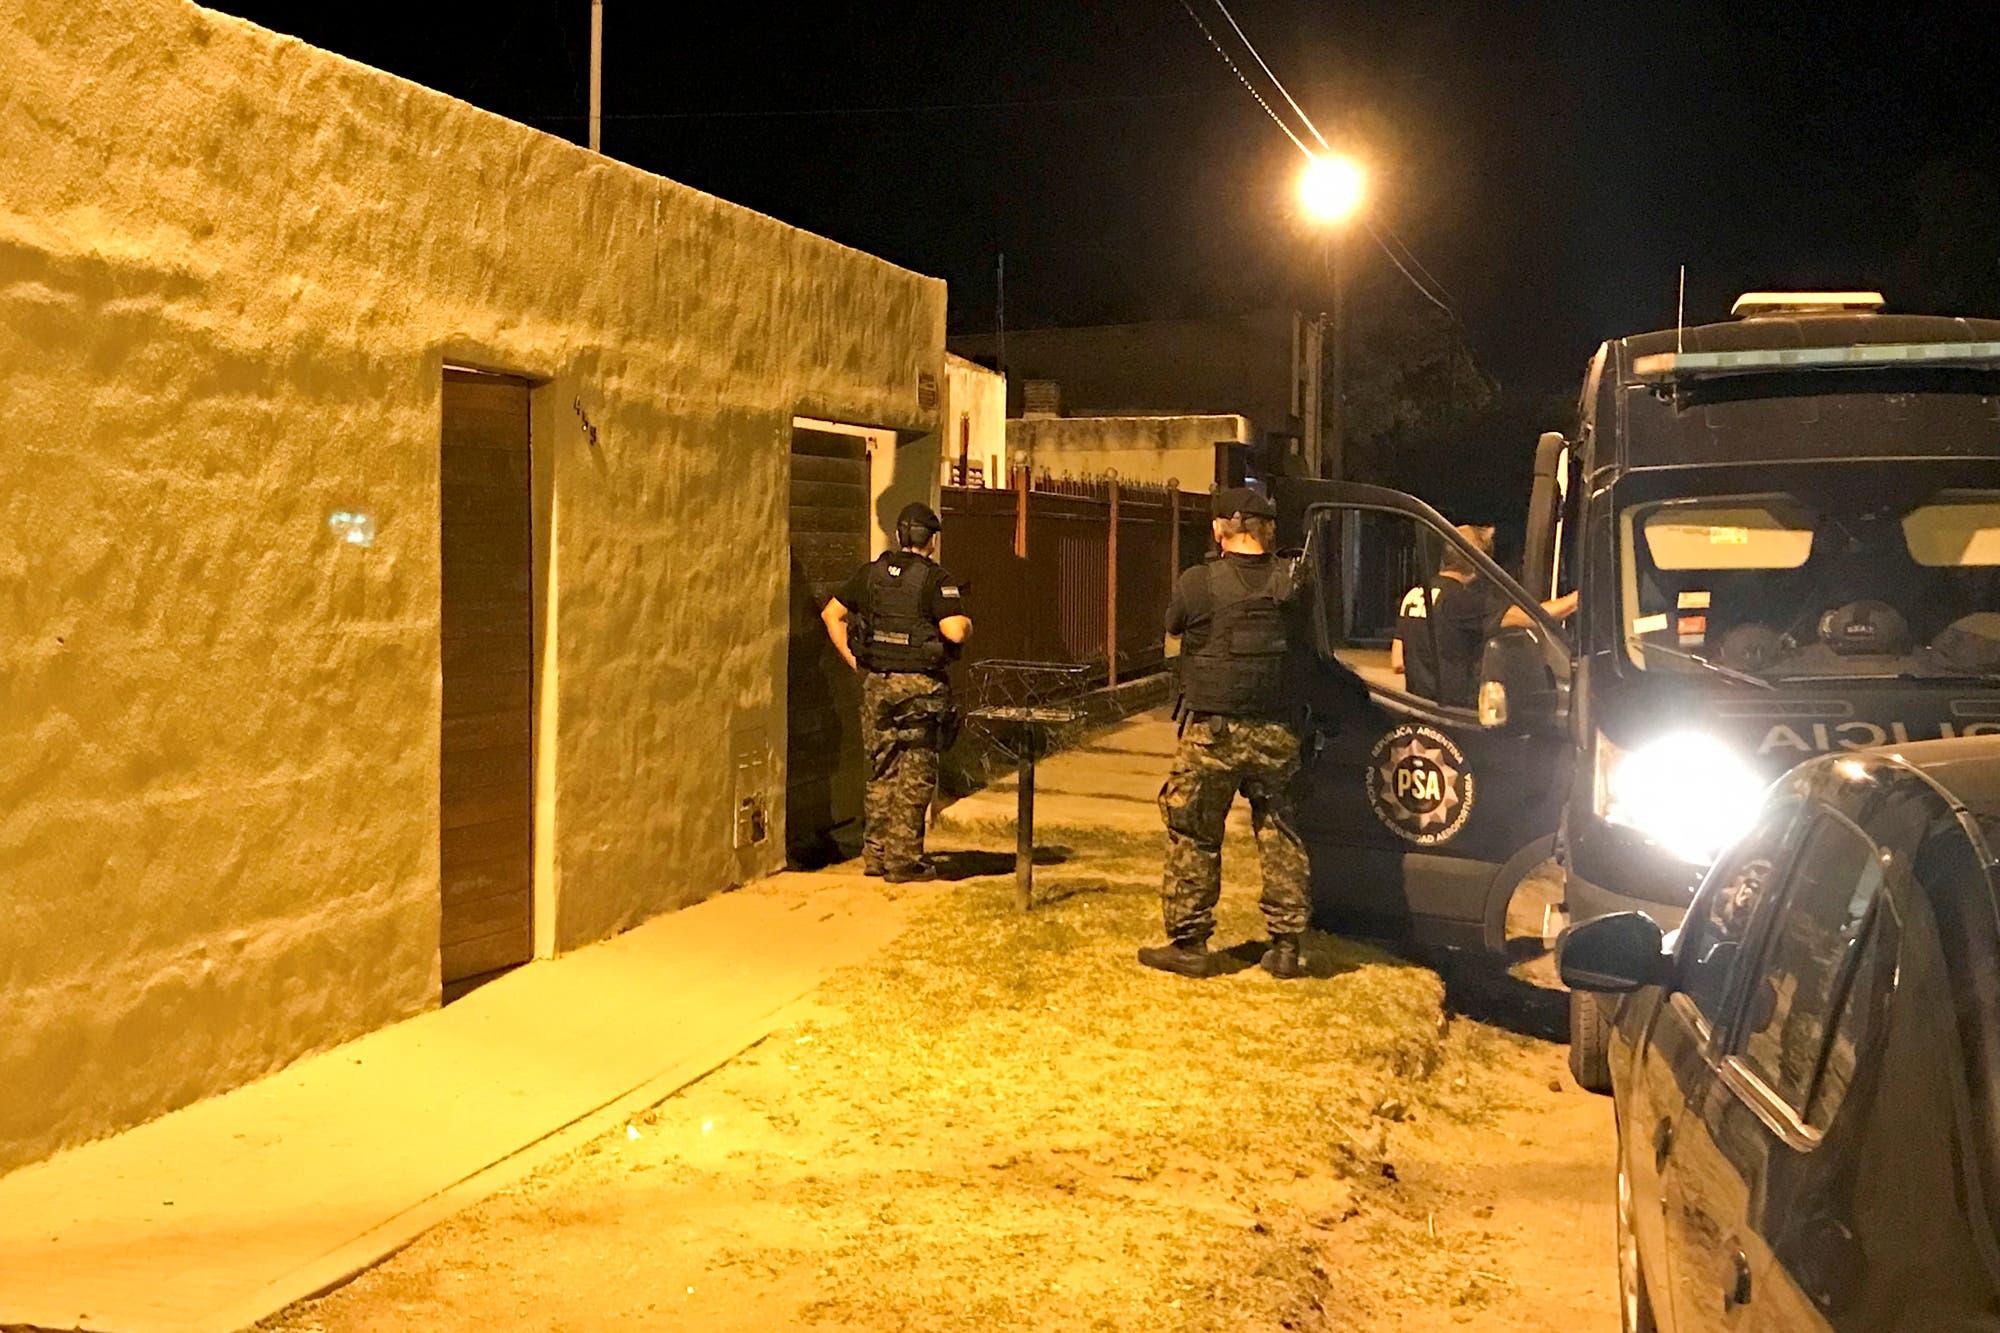 Crece el escándalo por narcolavado en Río Cuarto: allanaron la Jefatura